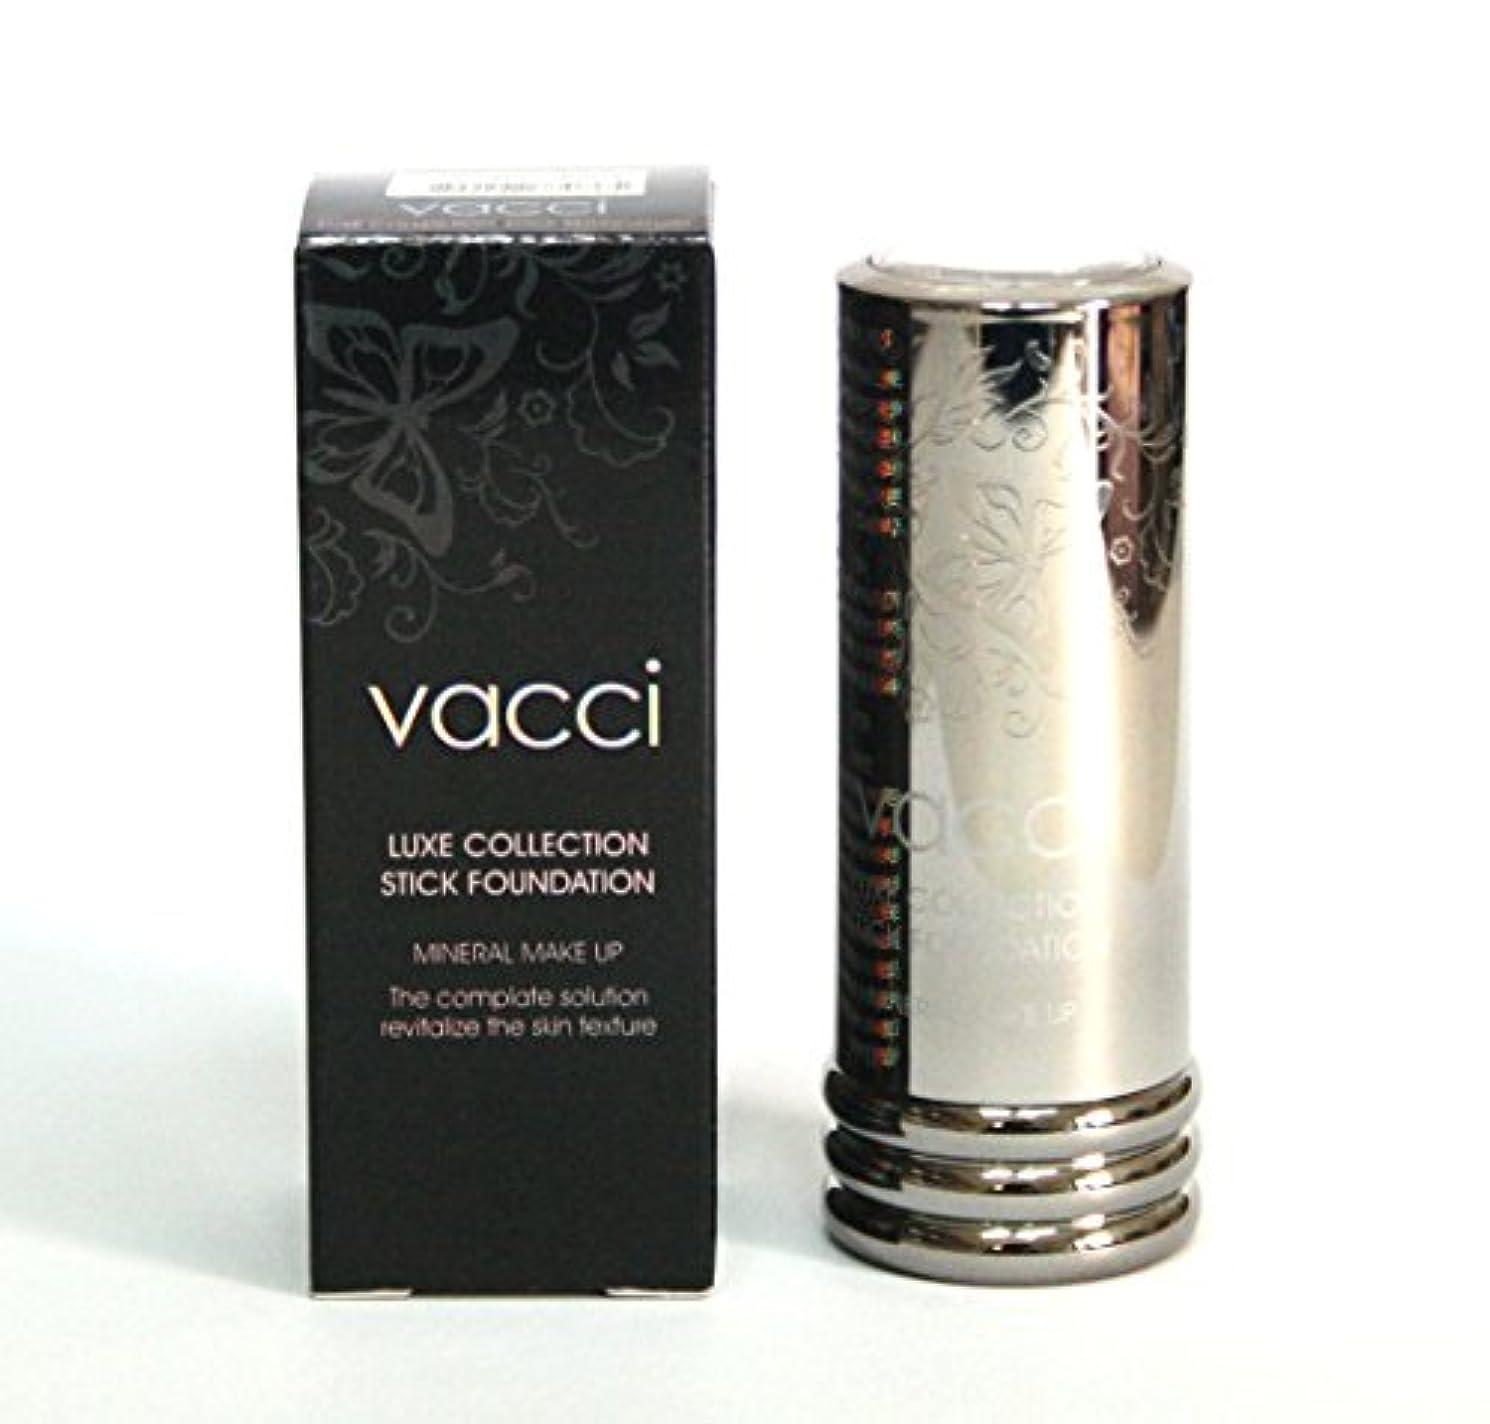 復活させる無礼にクレデンシャル[VACCI] スティックファンデーション13g / LUXE COLLECTION Stick Foundation 13g / に皮脂コントロール / sebum control / #33ダークベージュ / #33 Dark beige/ 韓国化粧品 / Korean Cosmetics [並行輸入品]